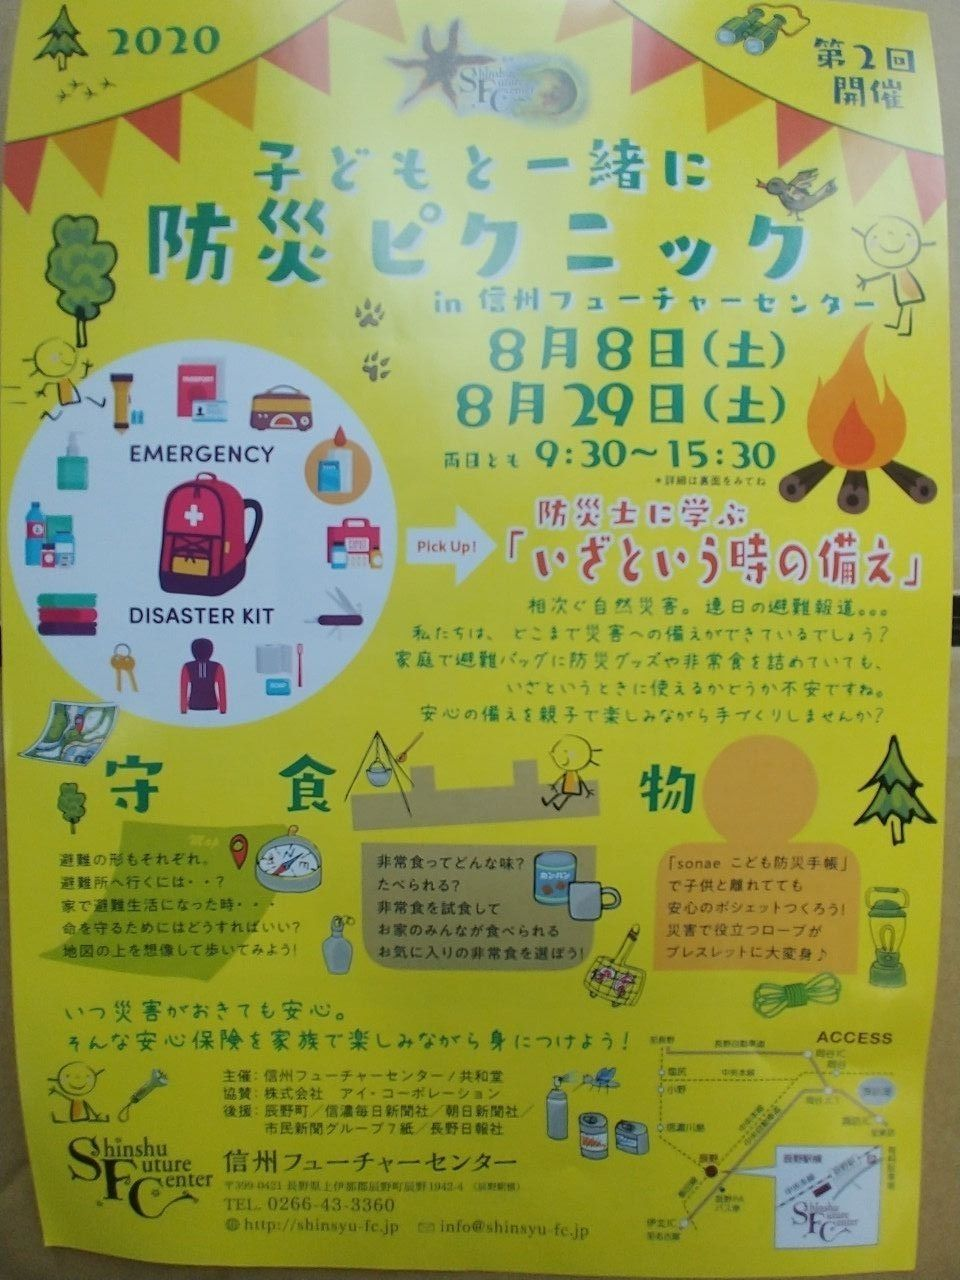 29日(土)に辰野町で防災ピクニック♪